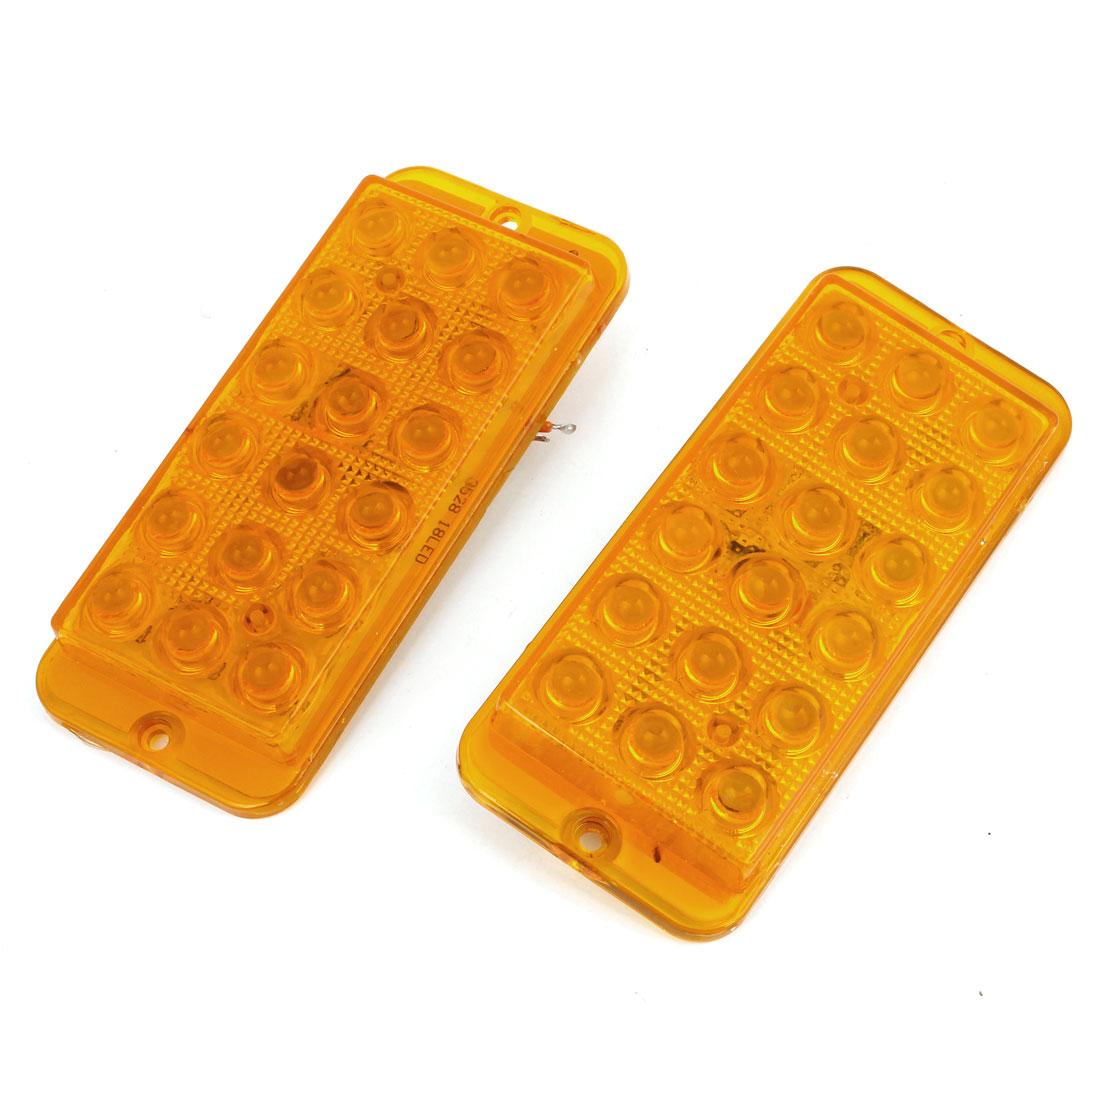 2 Pcs Adhesive Back Yellow 18 LED Plastic Decorative Light for Car